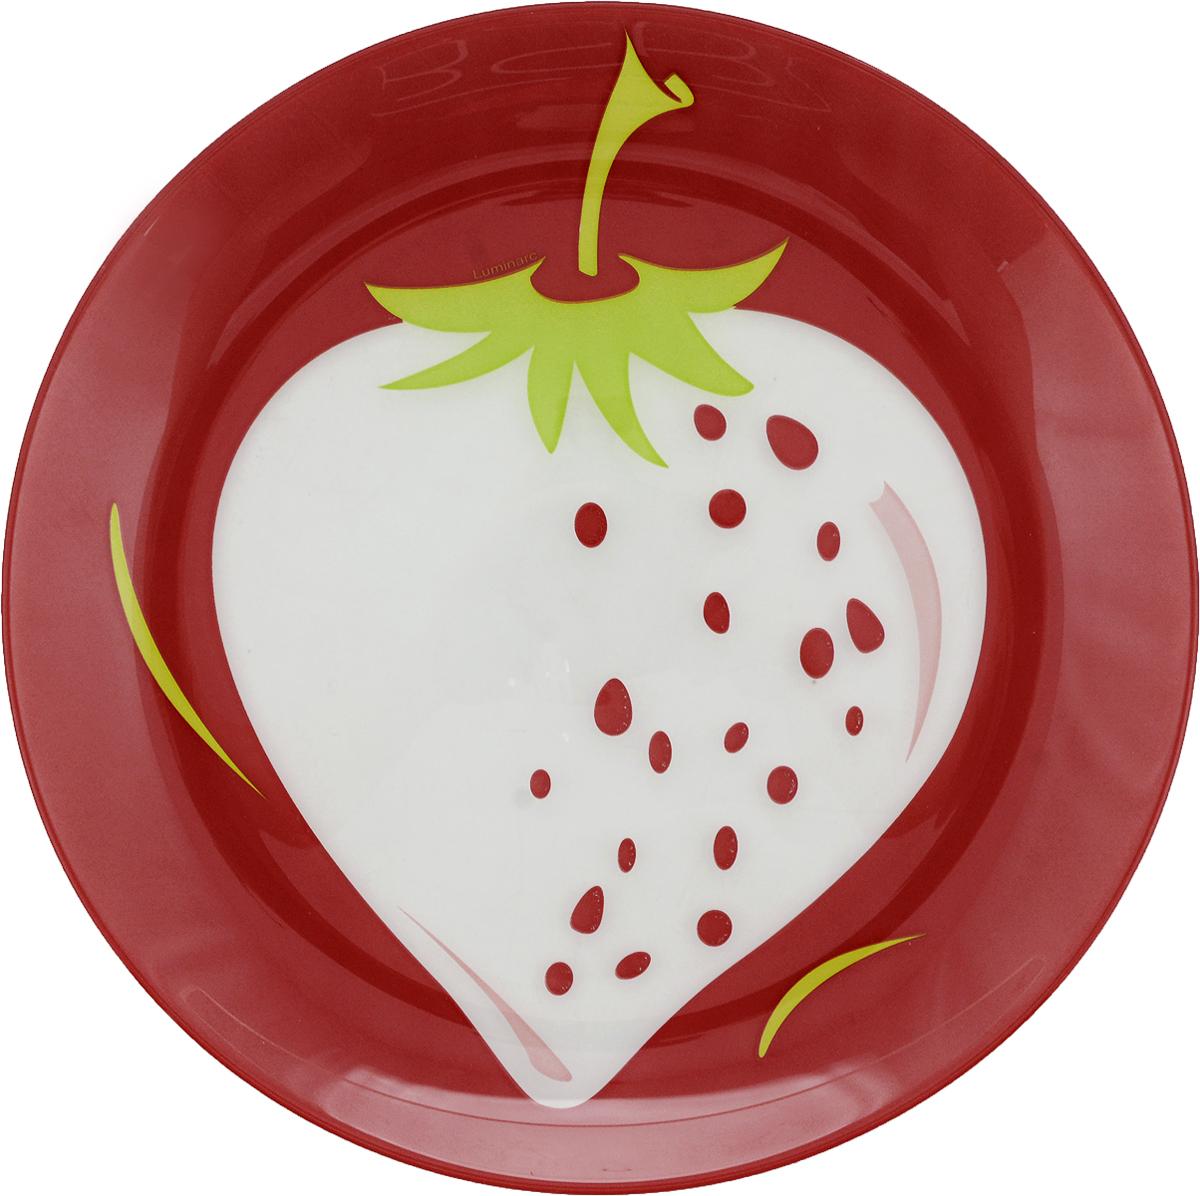 Тарелка десертная Luminarc Клубника, диаметр 20 смL2665Десертная тарелка Luminarc Клубника, изготовленная из высококачественного стекла, имеет изысканный внешний вид. Такая тарелка прекрасно подходит как для торжественных случаев, так и для повседневного использования. Идеальна для подачи десертов, пирожных, тортов и многого другого. Она прекрасно оформит стол и станет отличным дополнением к вашей коллекции кухонной посуды. Диаметр тарелки: 20 см. Высота тарелки: 1,5 см.